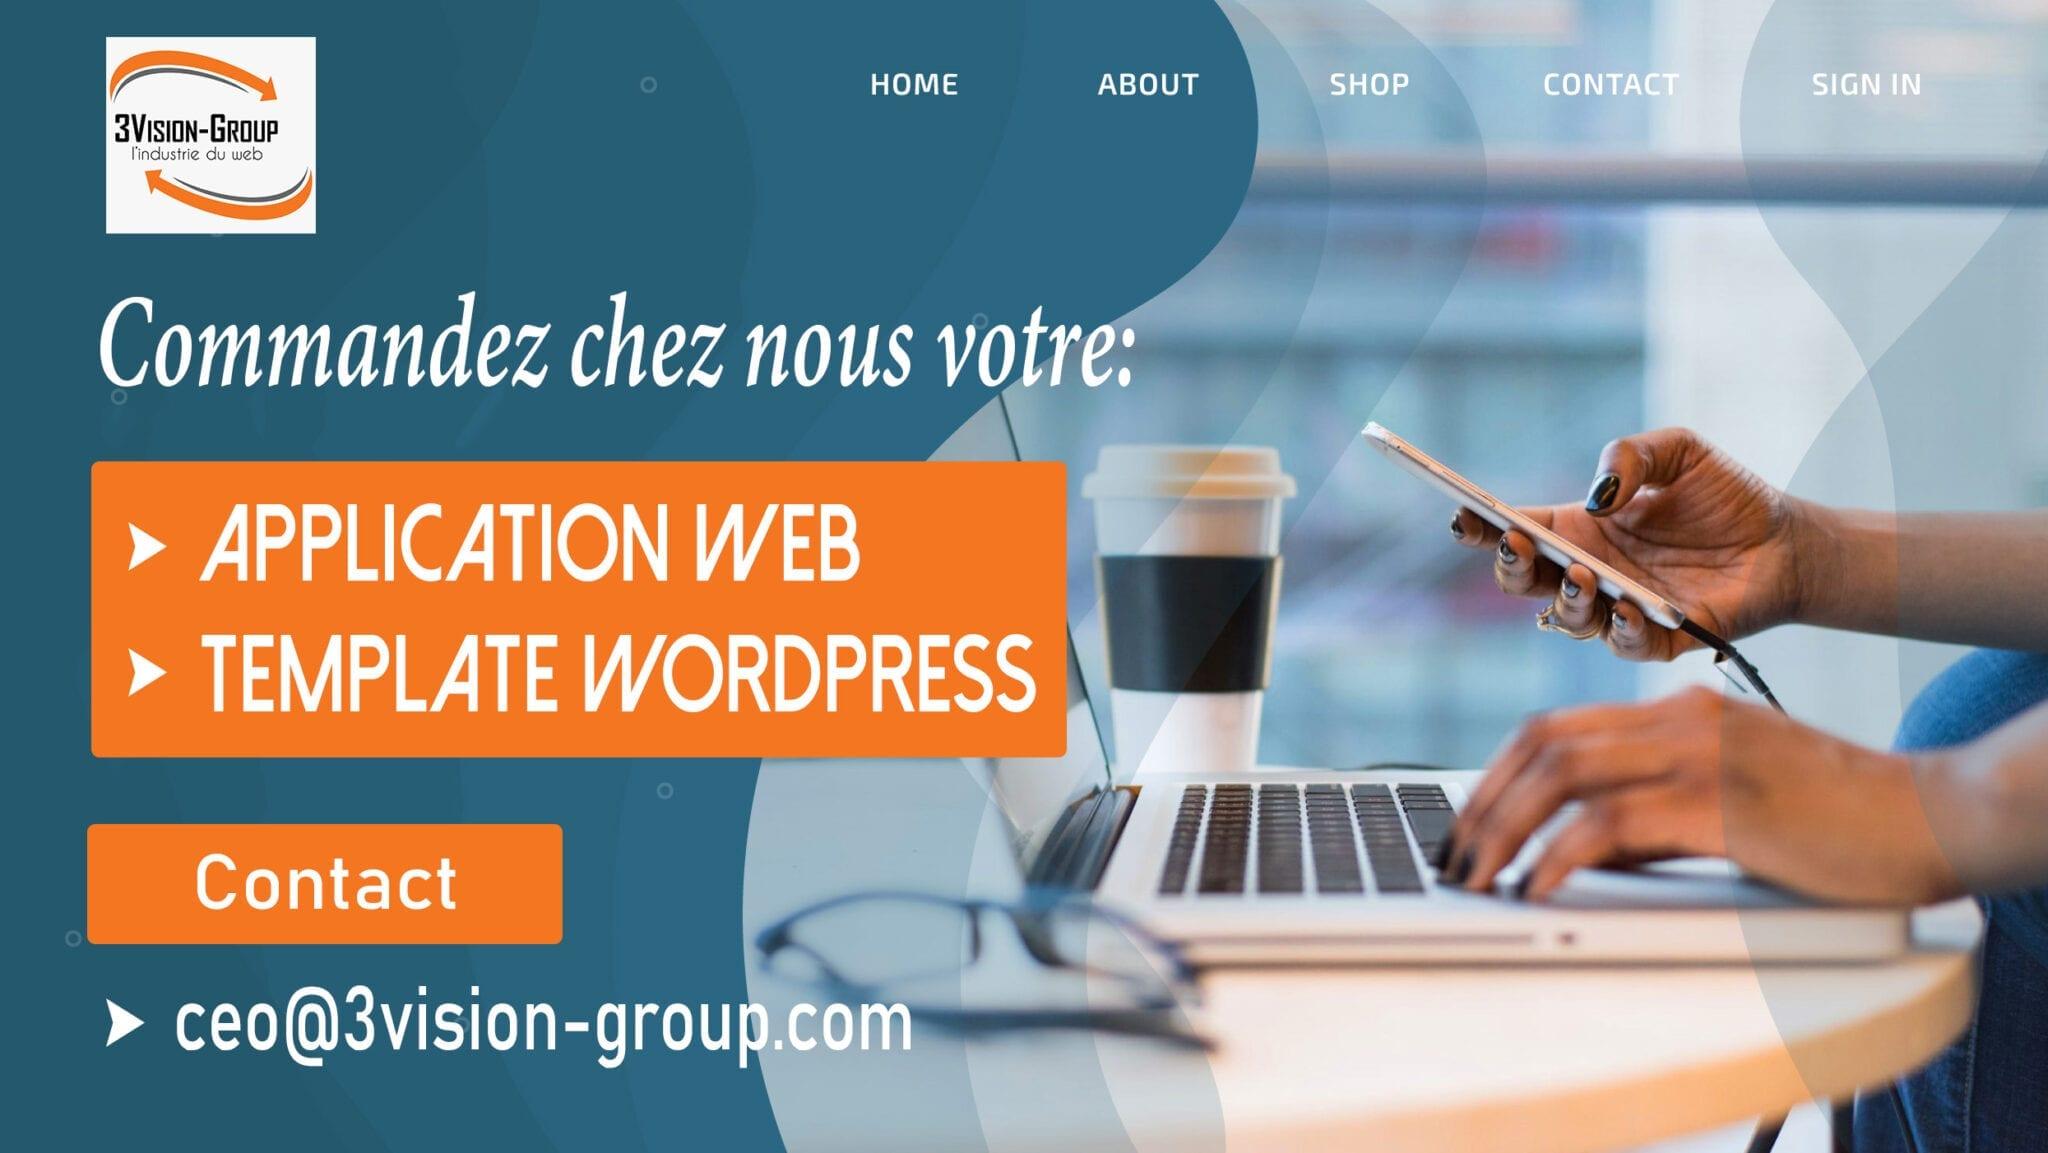 Faites confiance à 3Vision-Group pour votre Présence SEO et la conception de vos Applications Web, Sites Internet et Templates et plugins WordPress